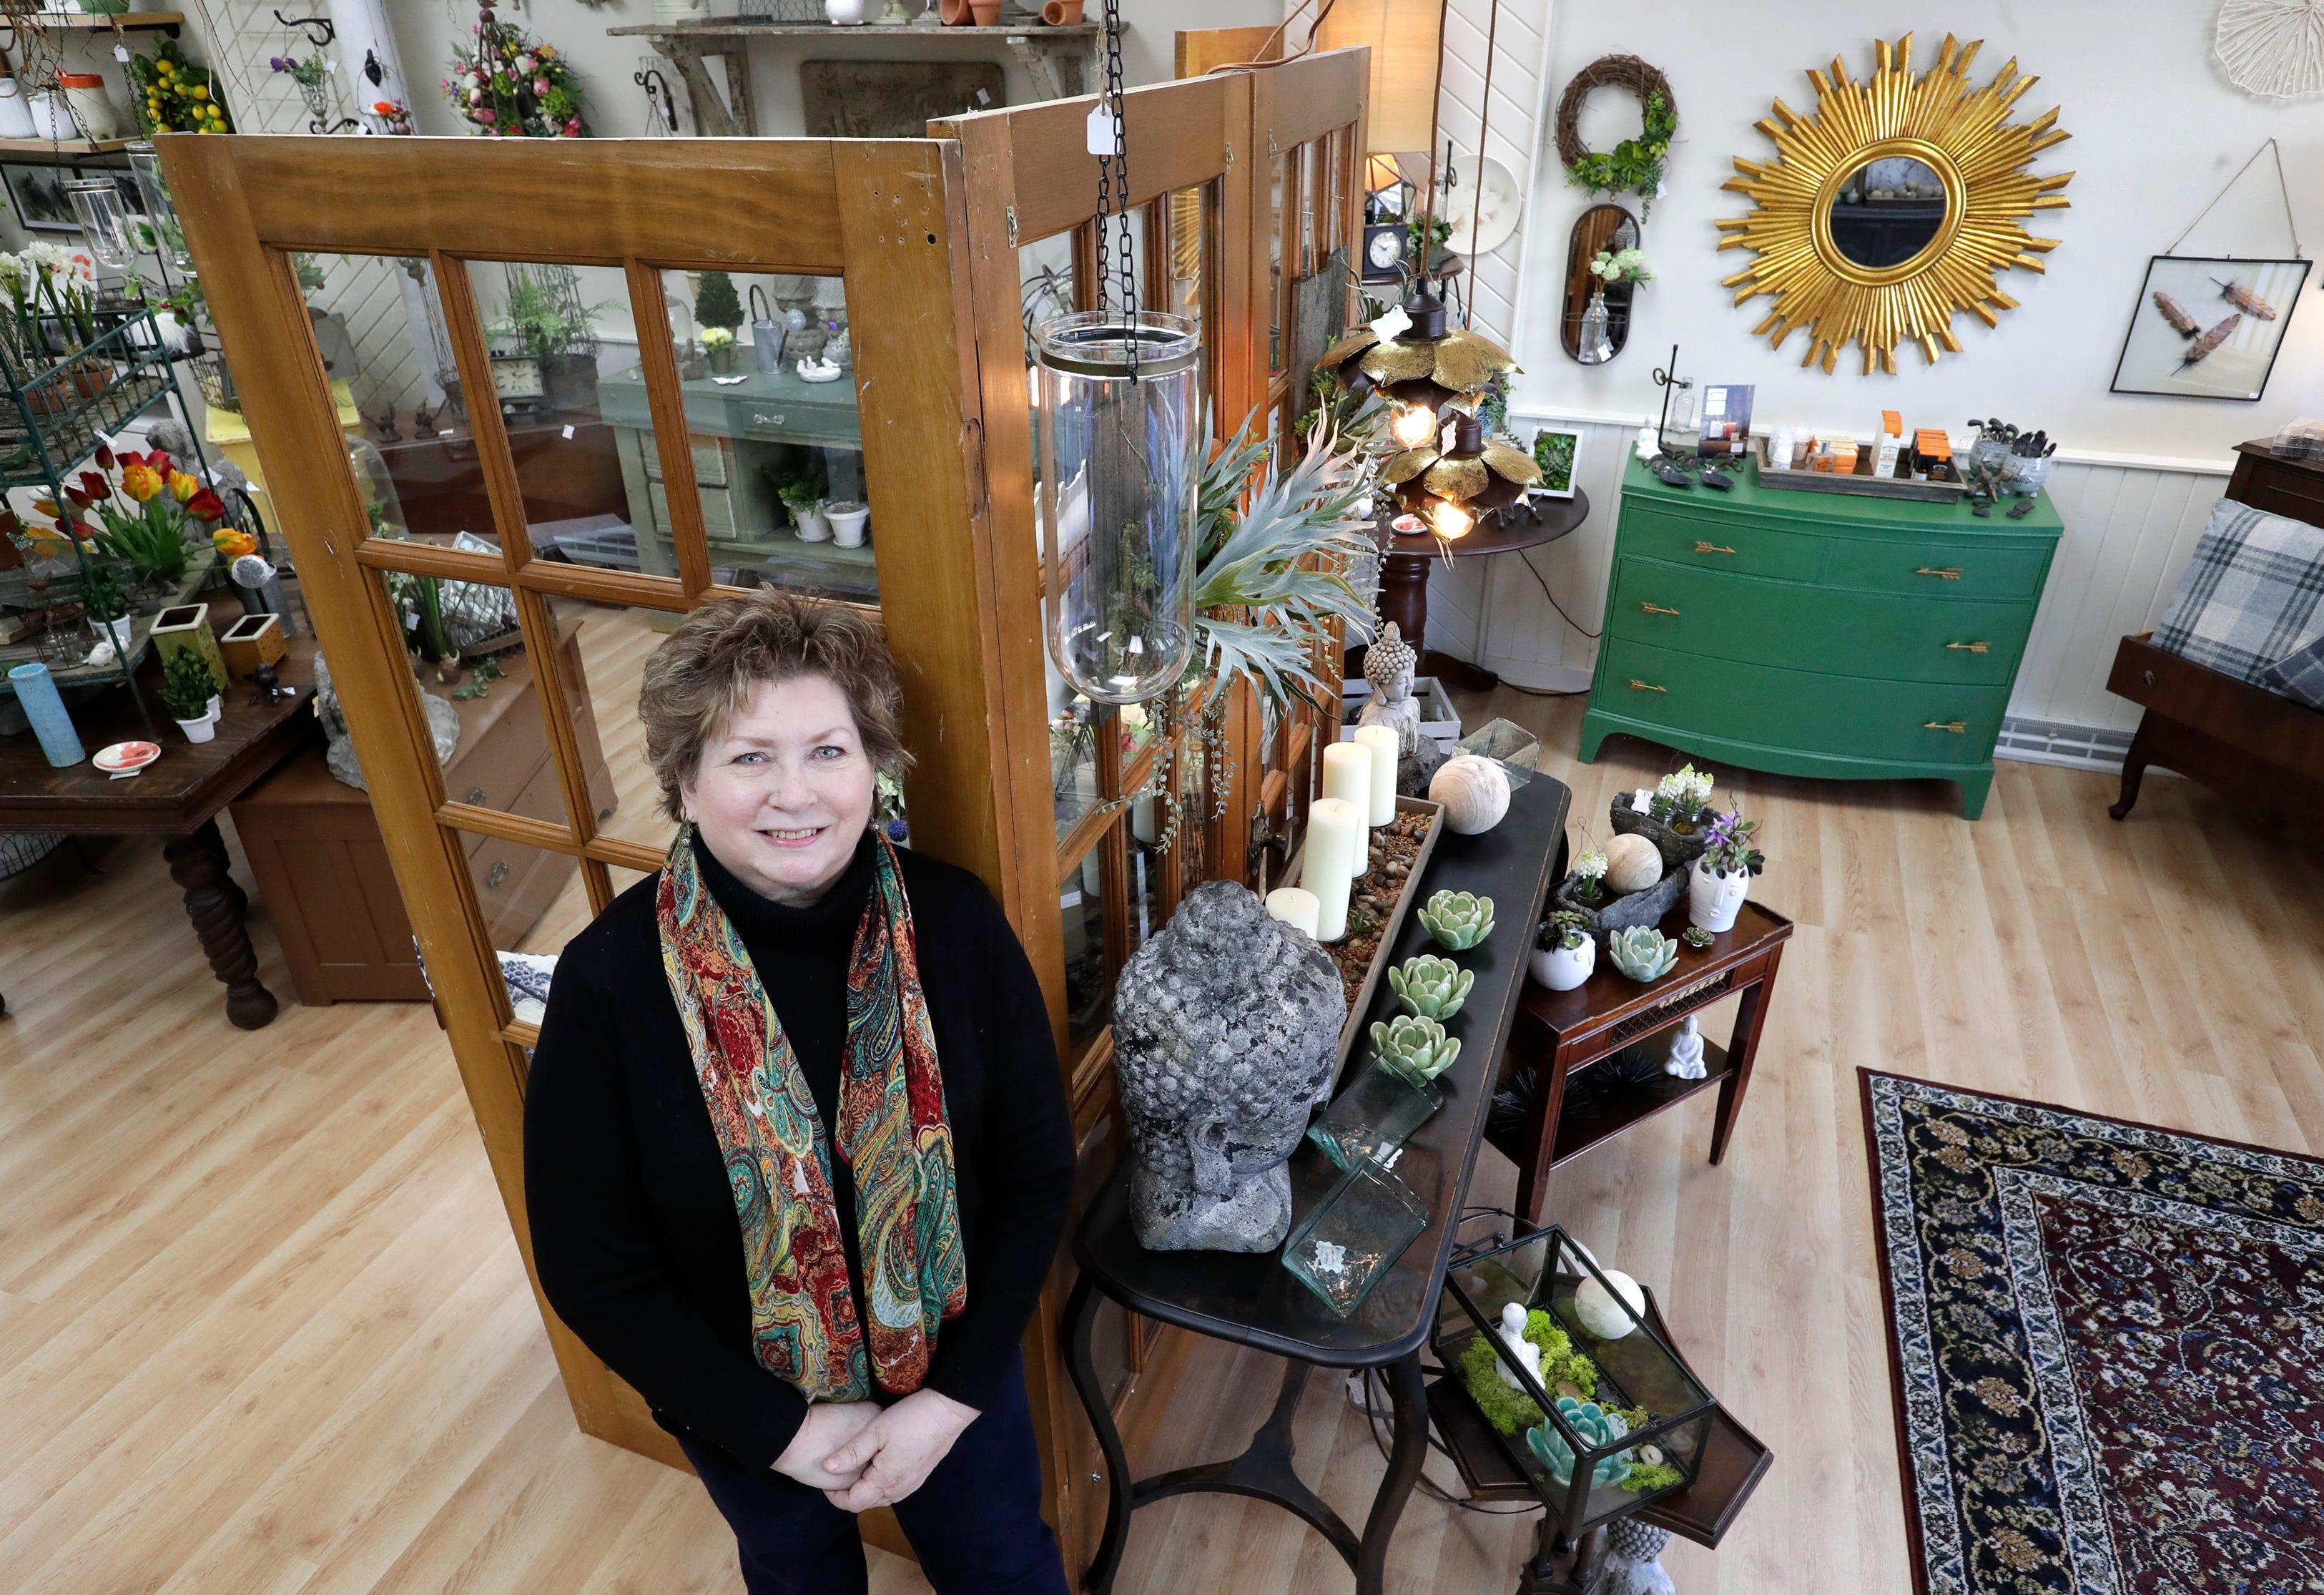 Appleton Business La Belle Maison Brings Home Decor Downtown